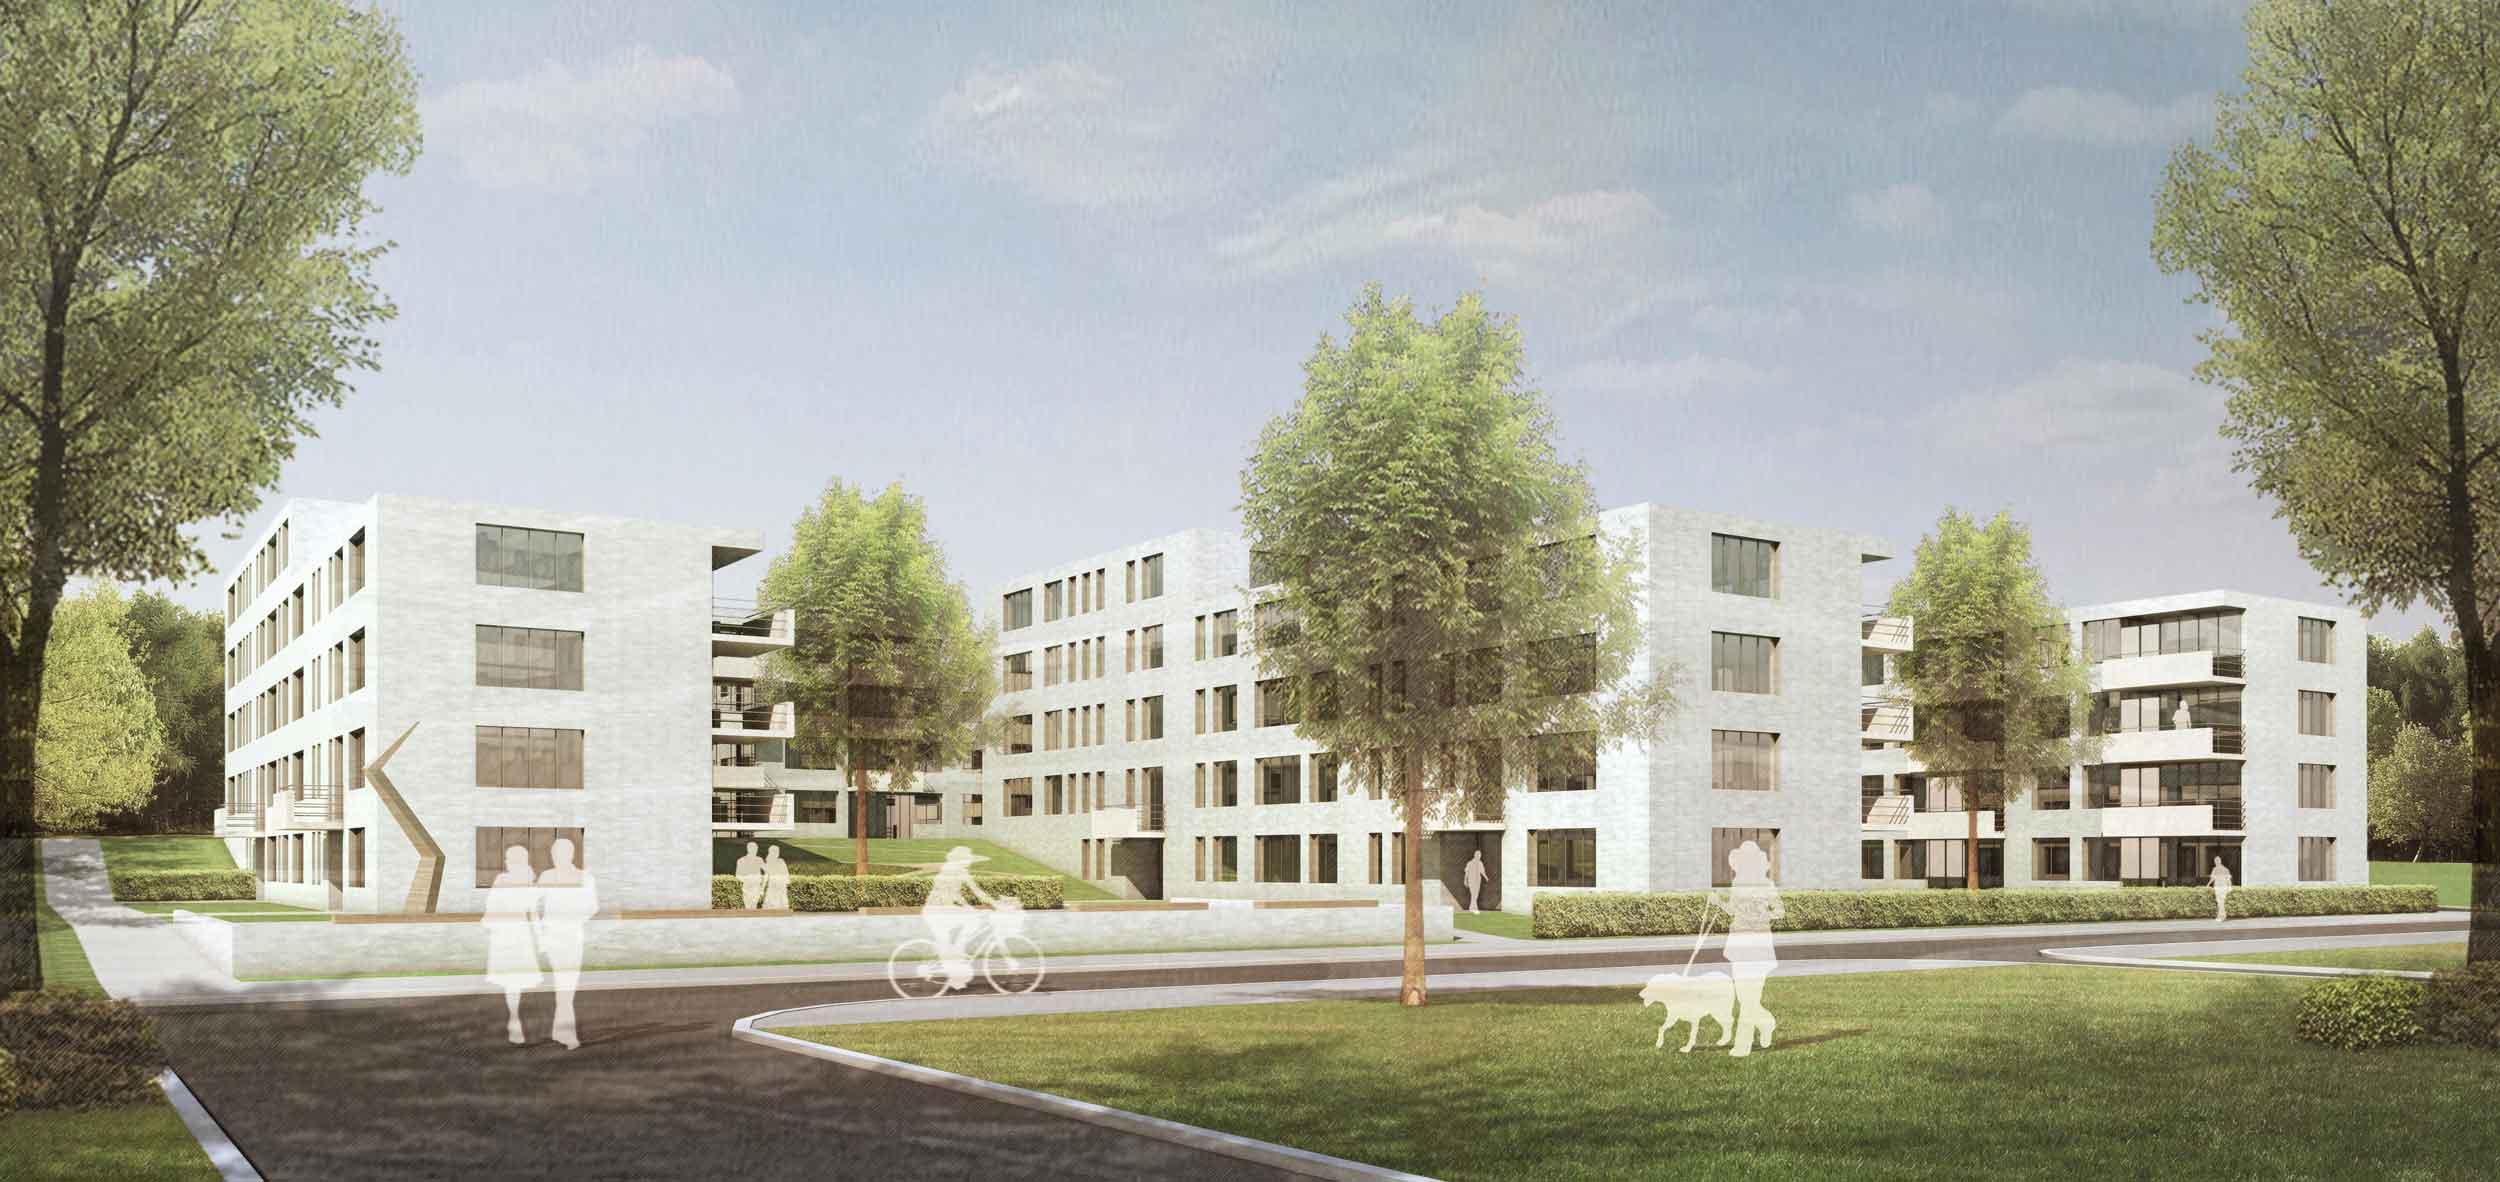 Architekten Konstanz ergebnis wohnbebauung zähringer hof competitionline